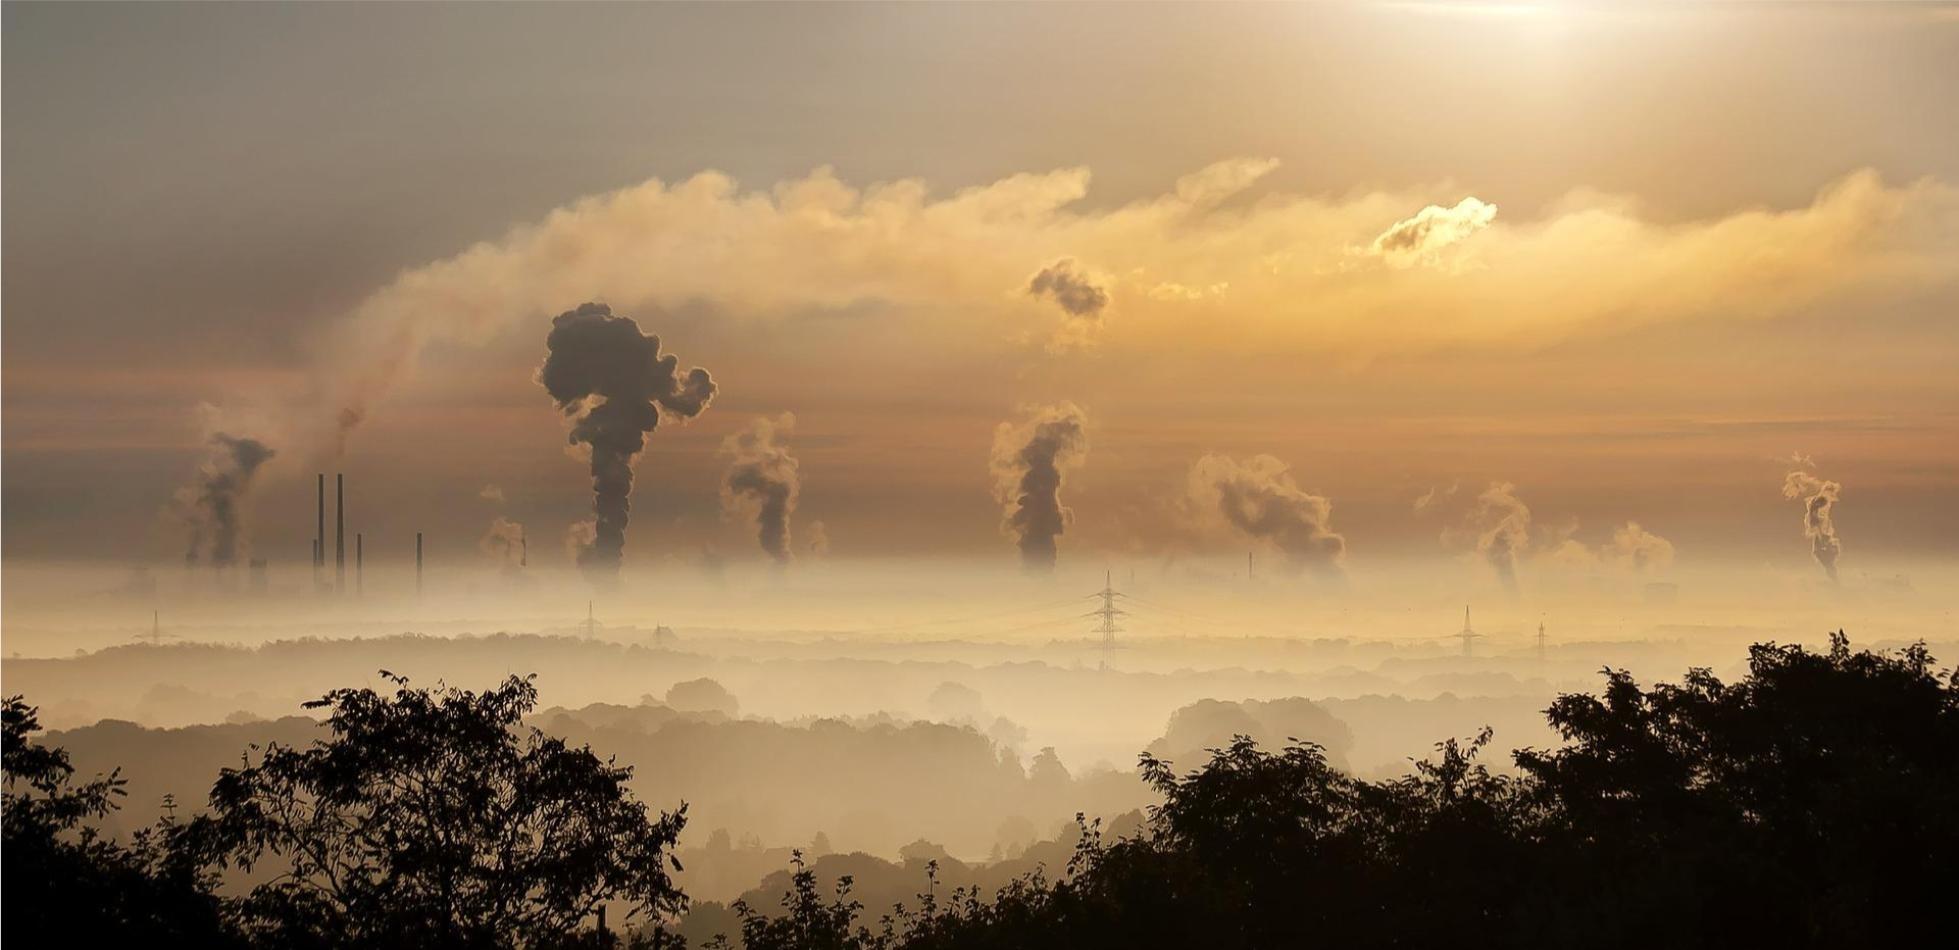 Chiny neutralne klimatycznie